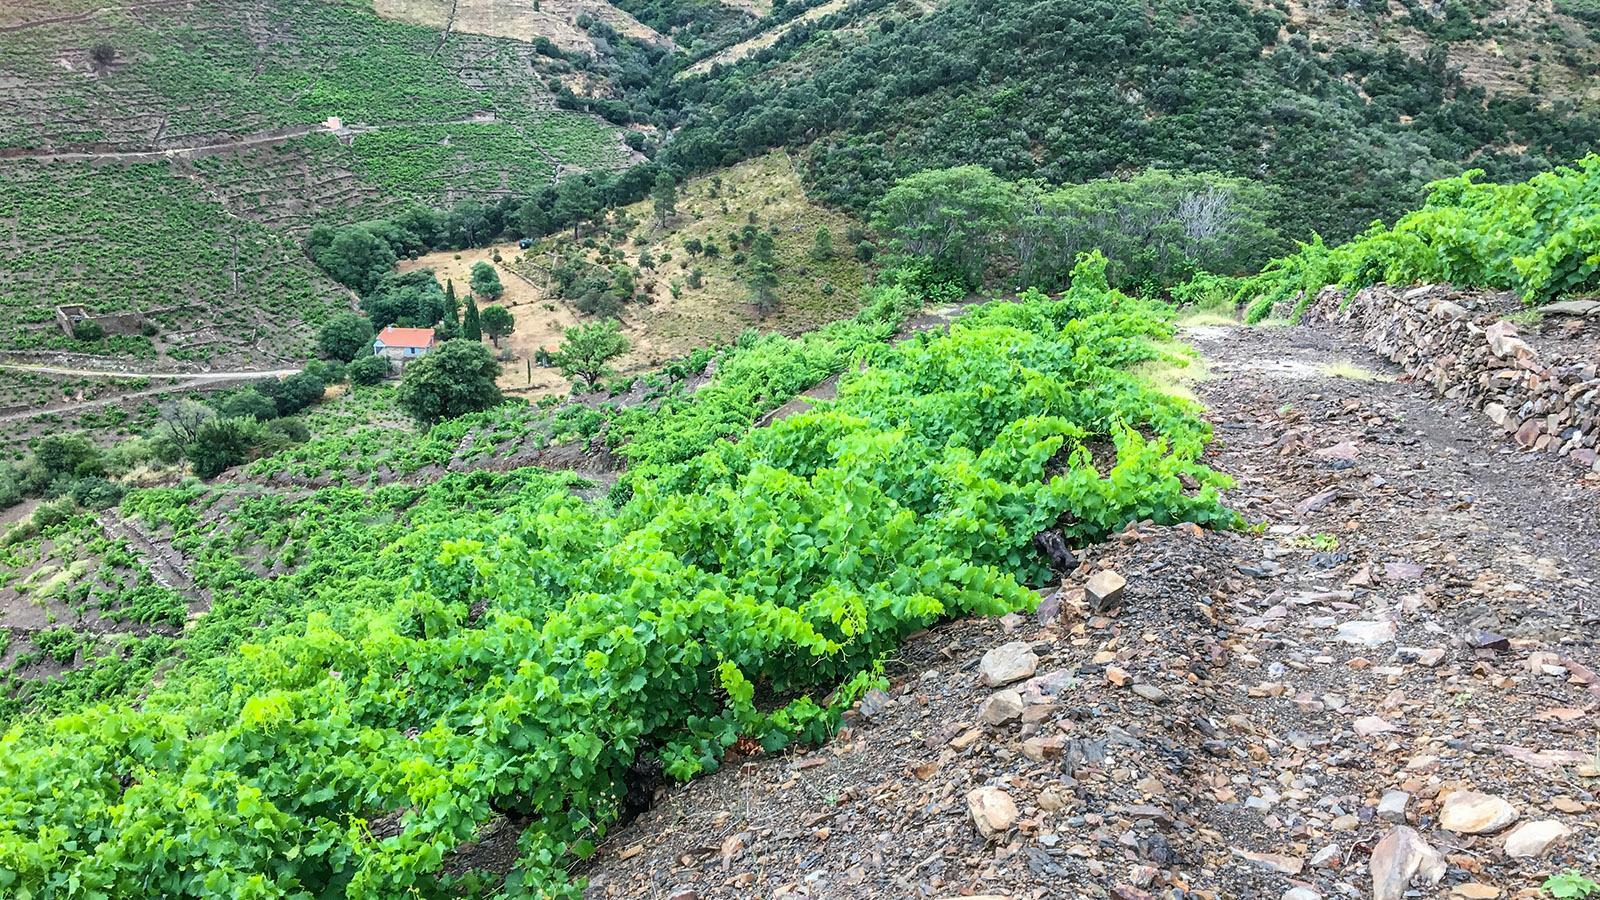 Schiefer und Basalt prägen Berge und Wege der Côte Vermeille. Foto: Hilke Maunder